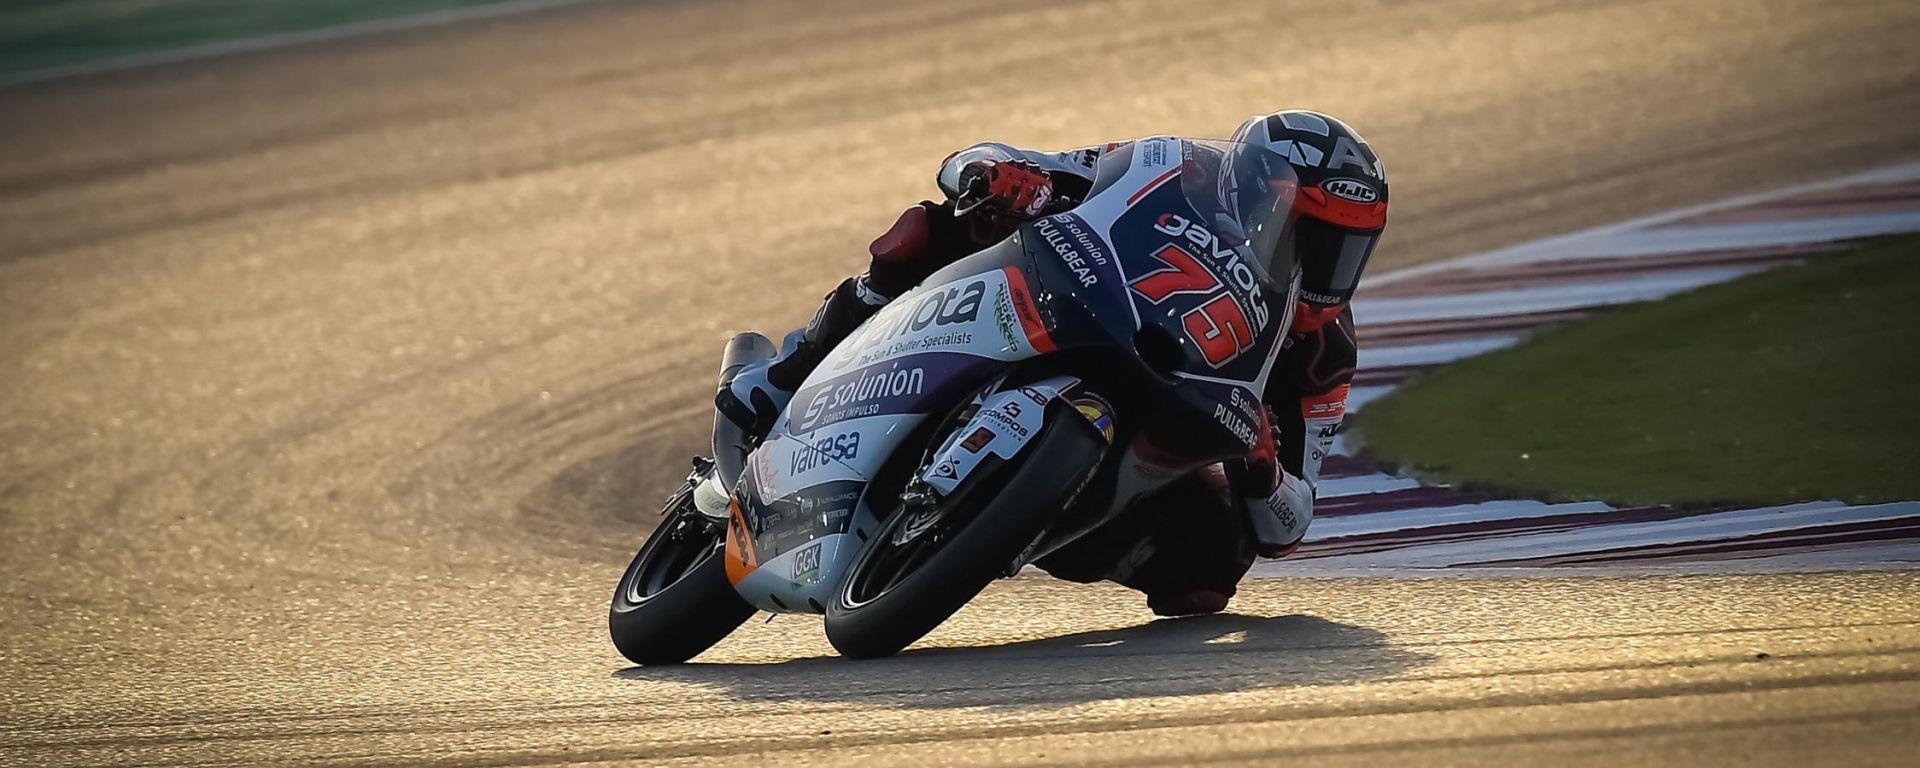 Moto3, GP Qatar: vince Arenas, sfortunato Arbolino